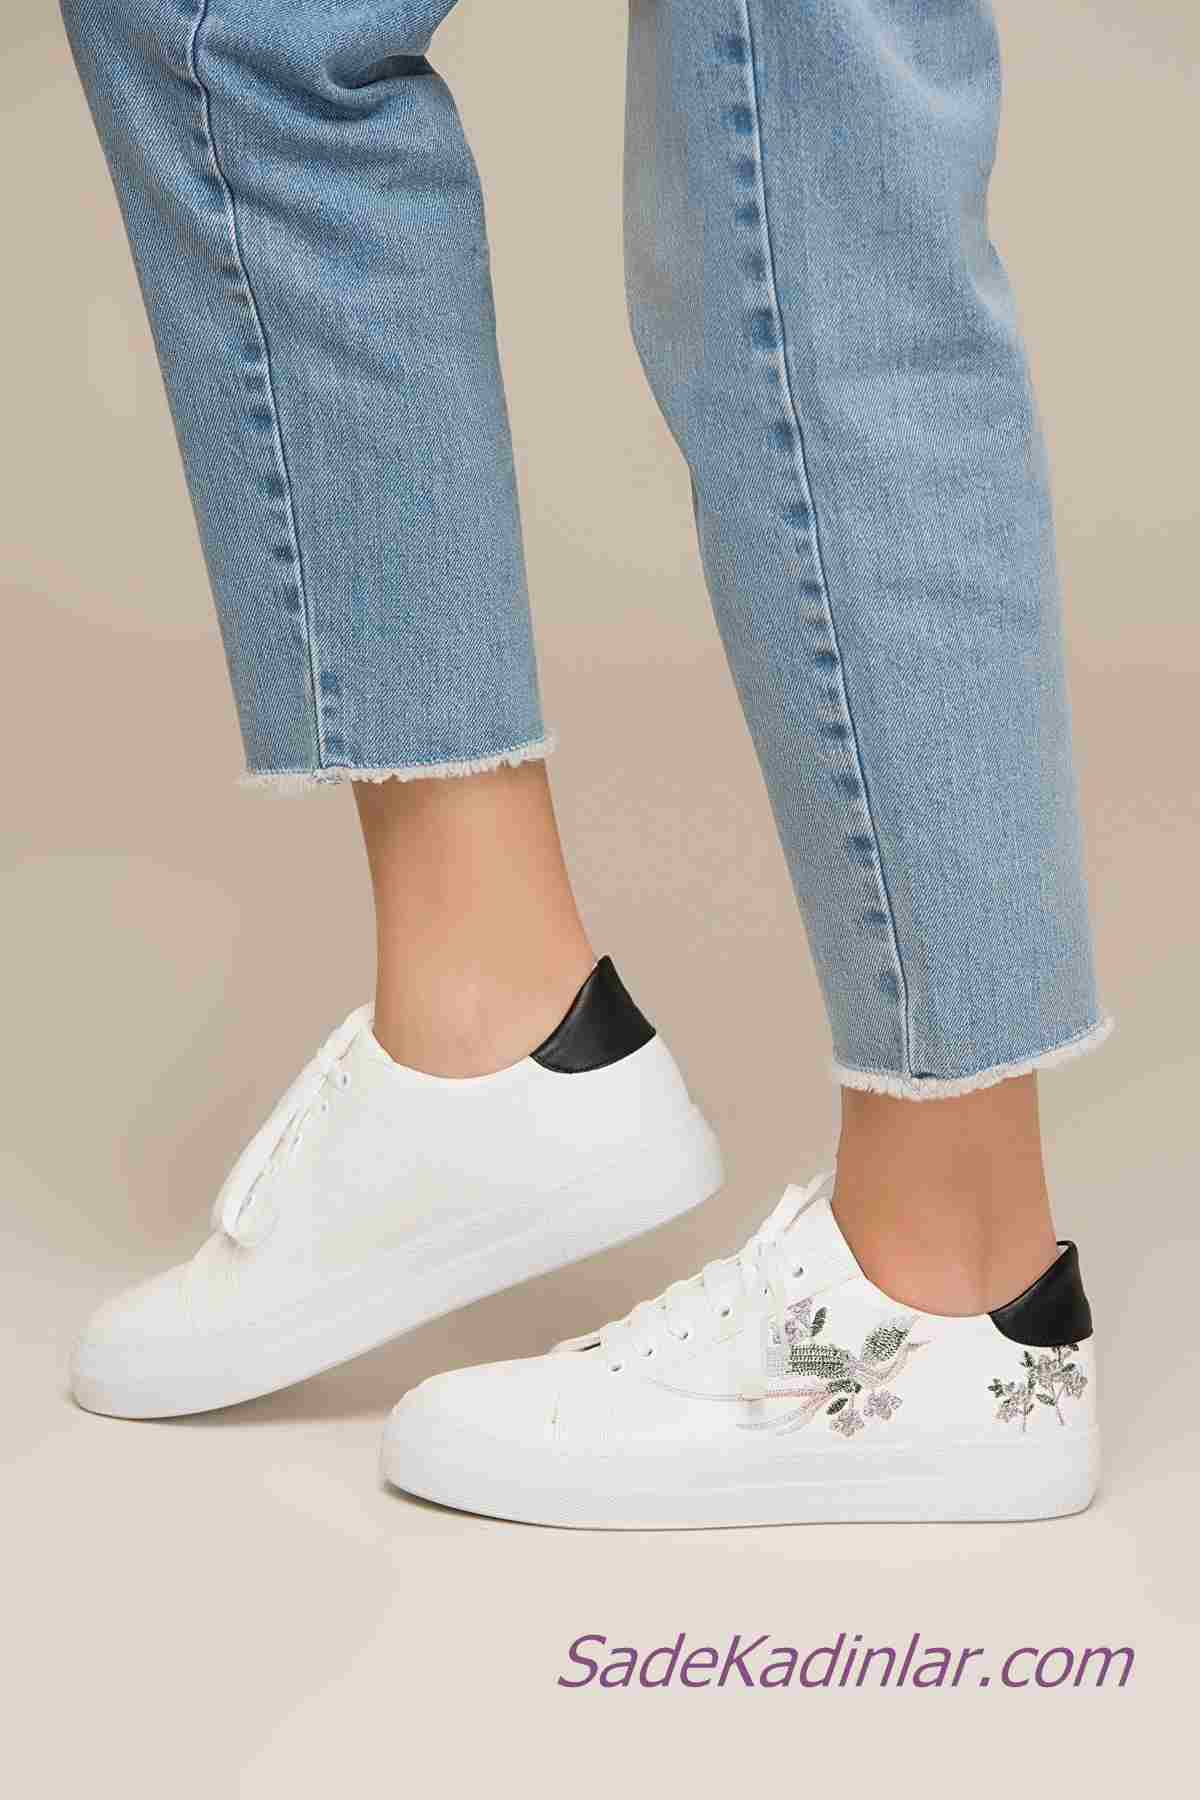 Sneakers Bayan Spor Ayakkabı Modelleri Beyaz Nakış İşlemeli Bağcıklı